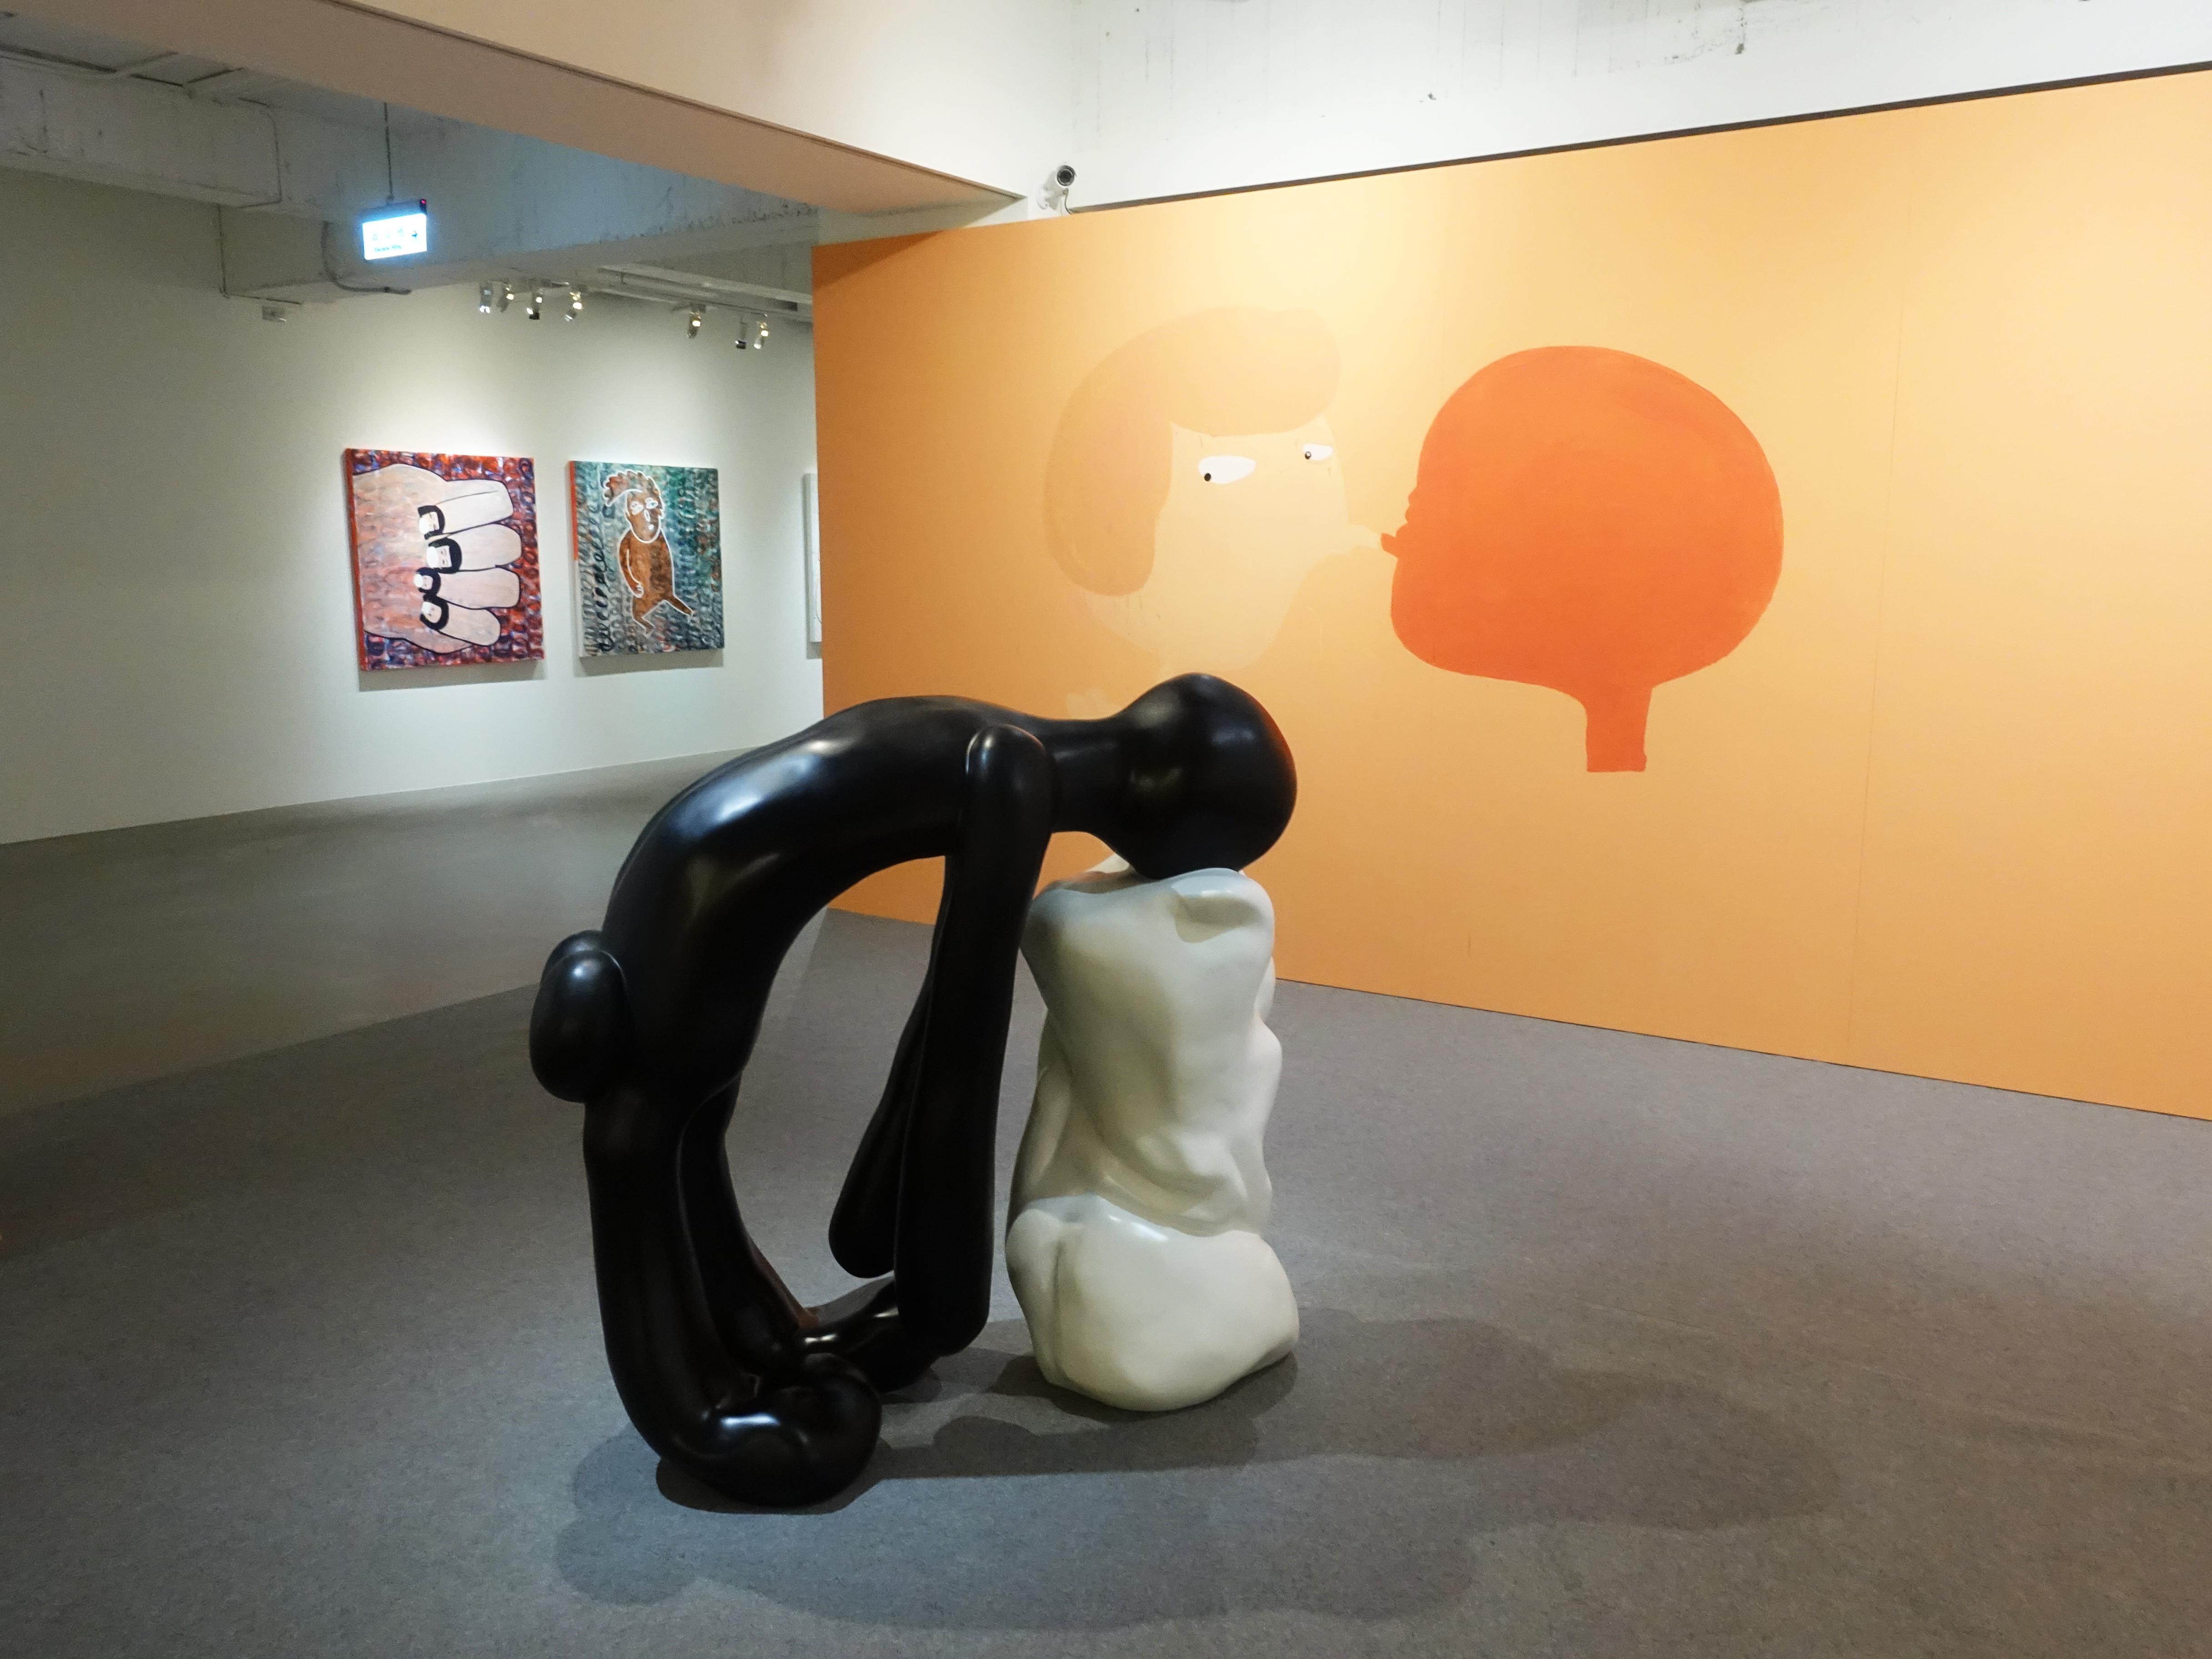 藝術家蕭筑方於非畫廊展覽空間現地創作現場。